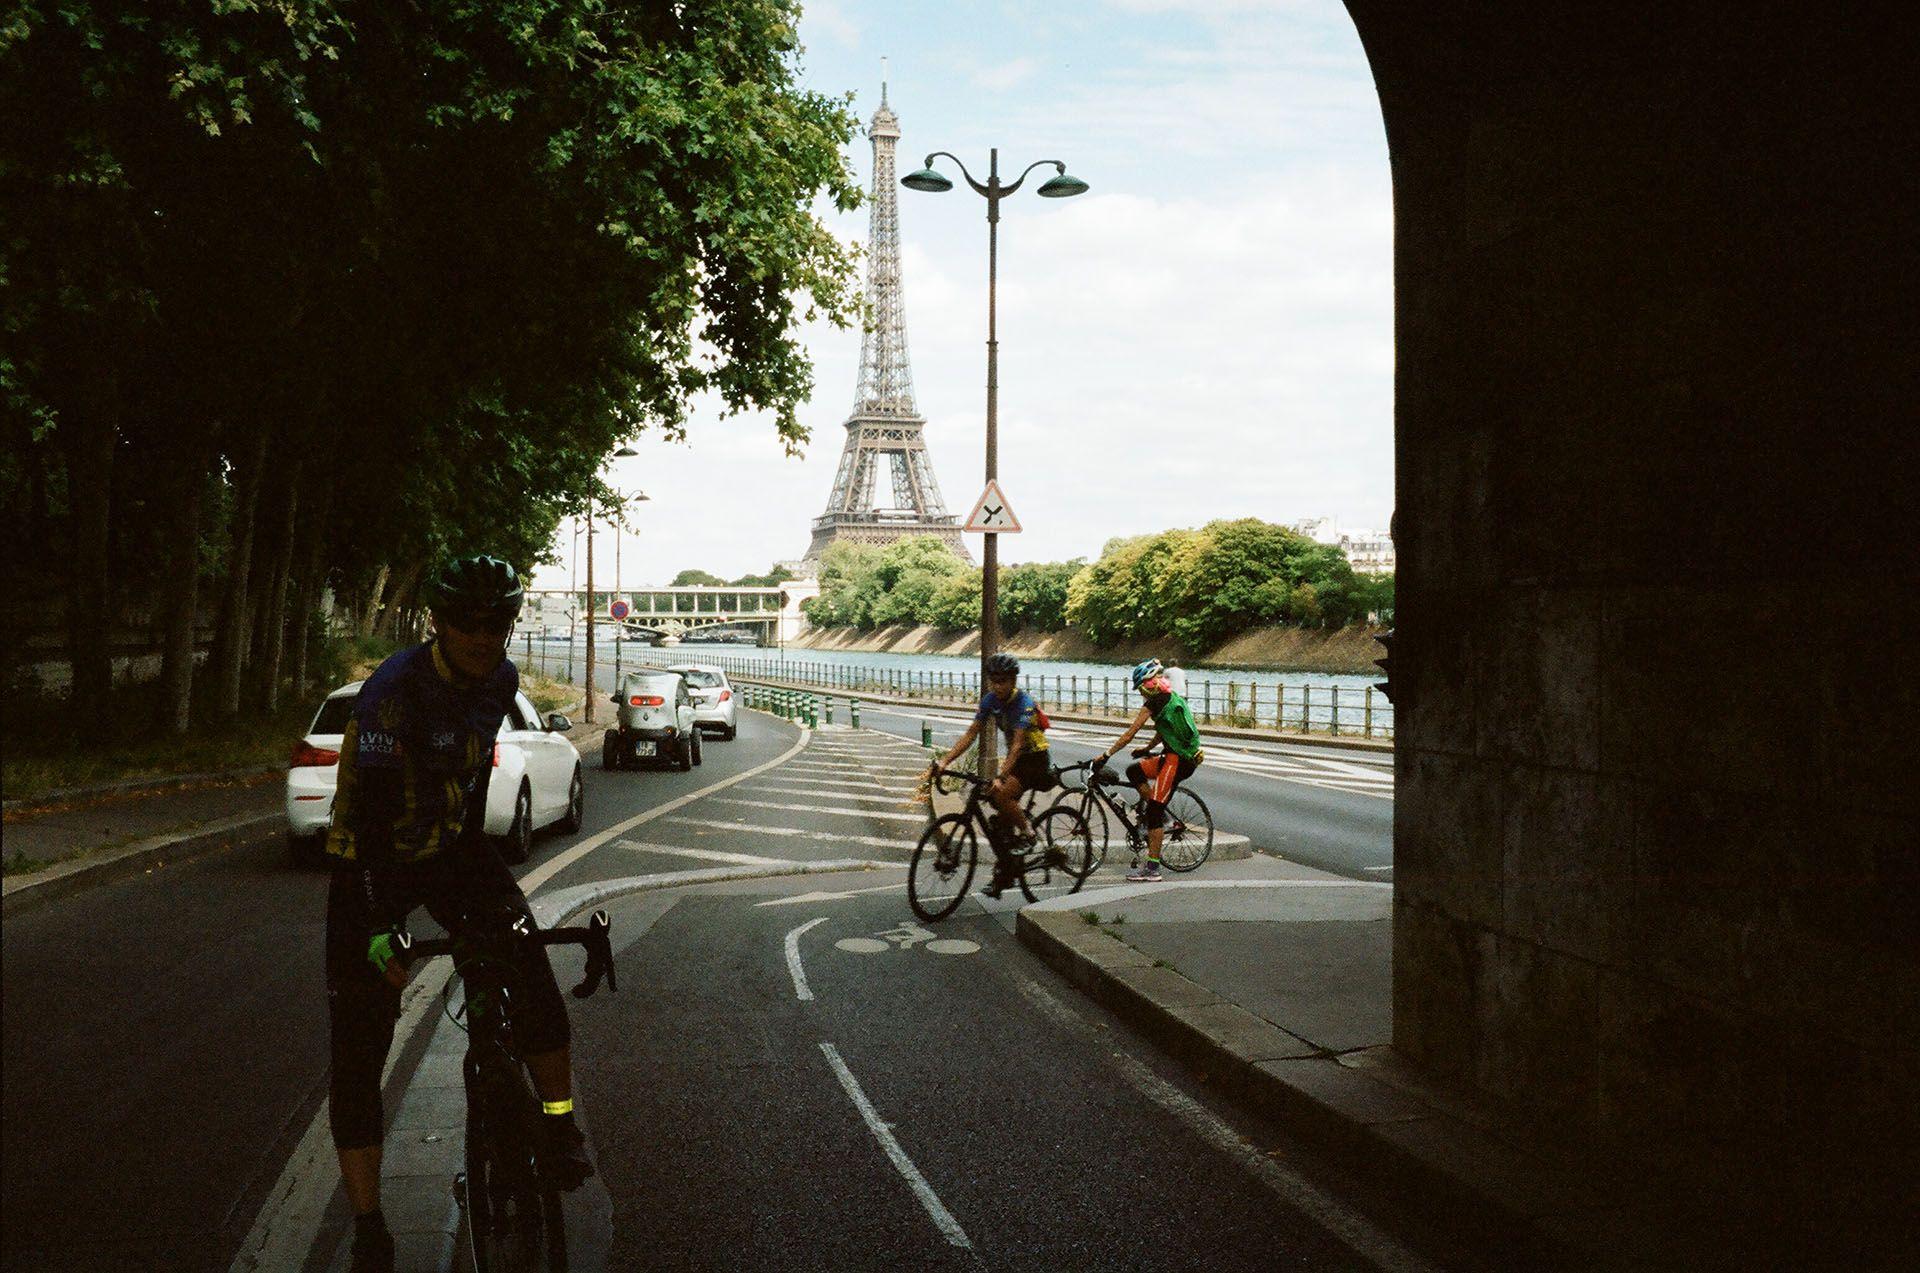 Катаємось велодоріжками із видом на Ейфелеву вежу